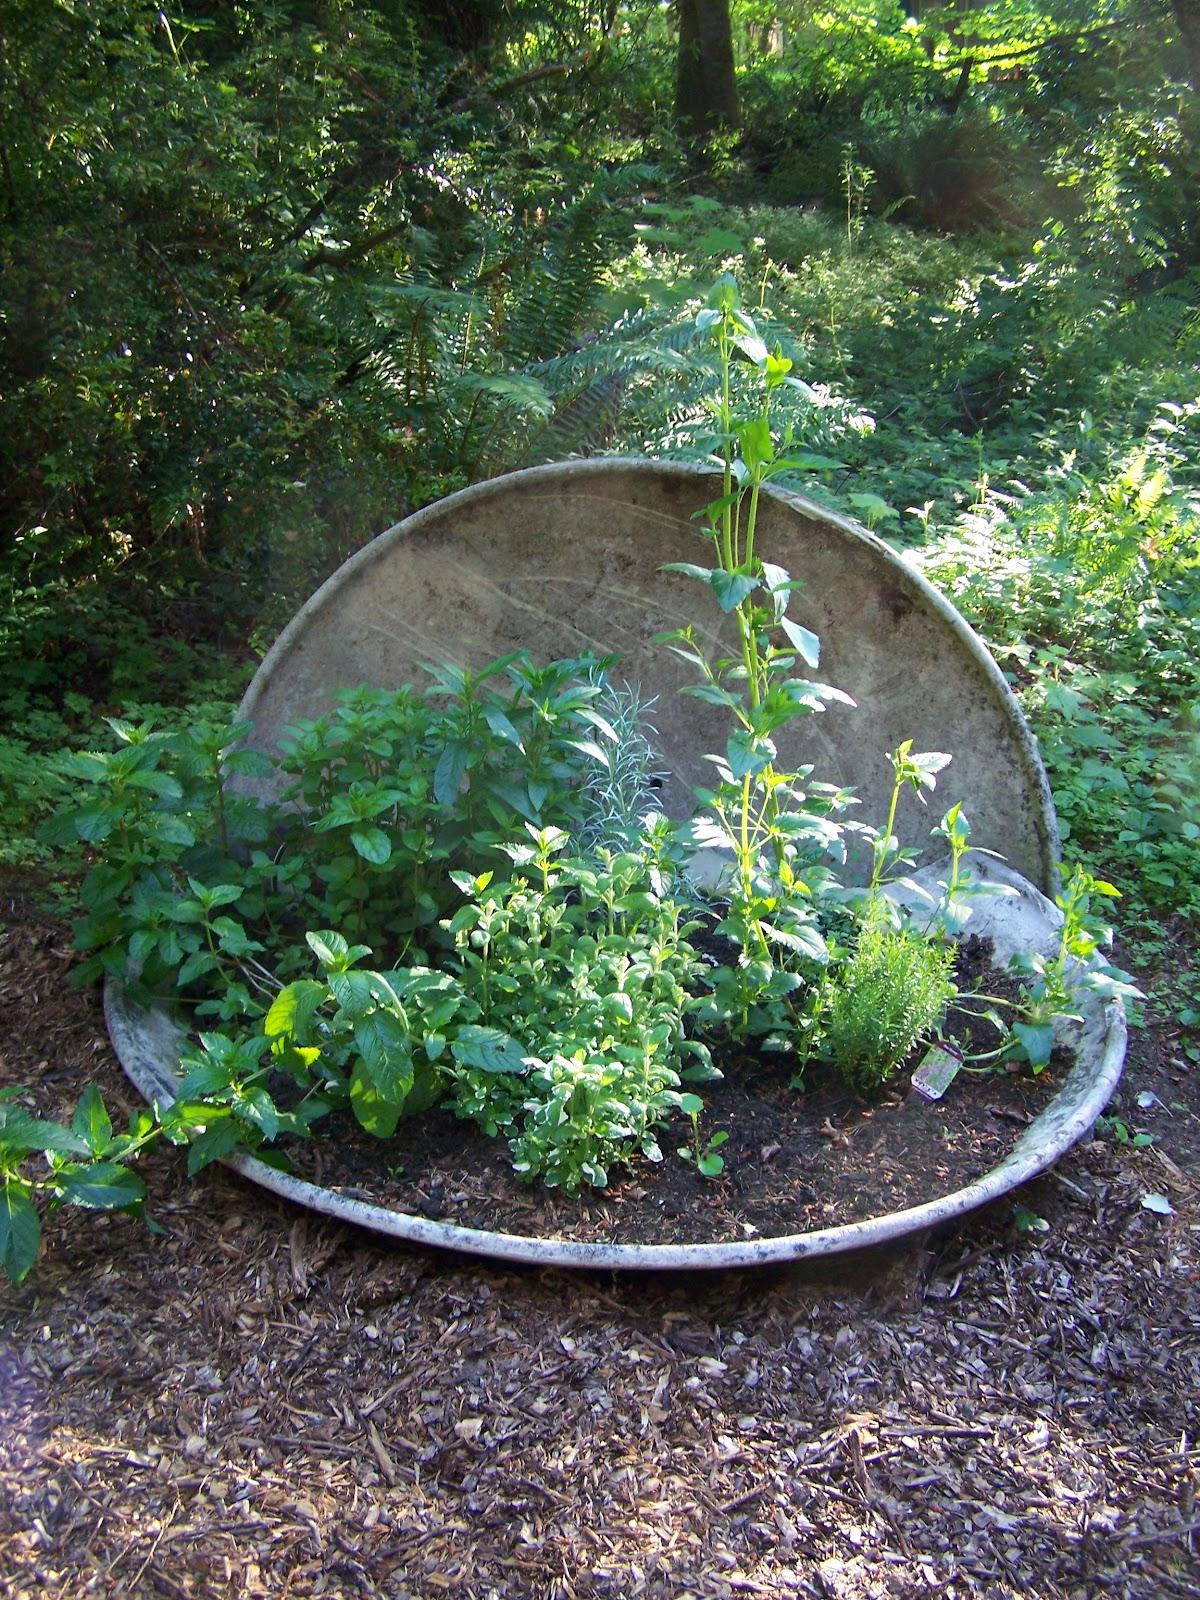 Chef Garden: A Not-So Secret Chef's Garden